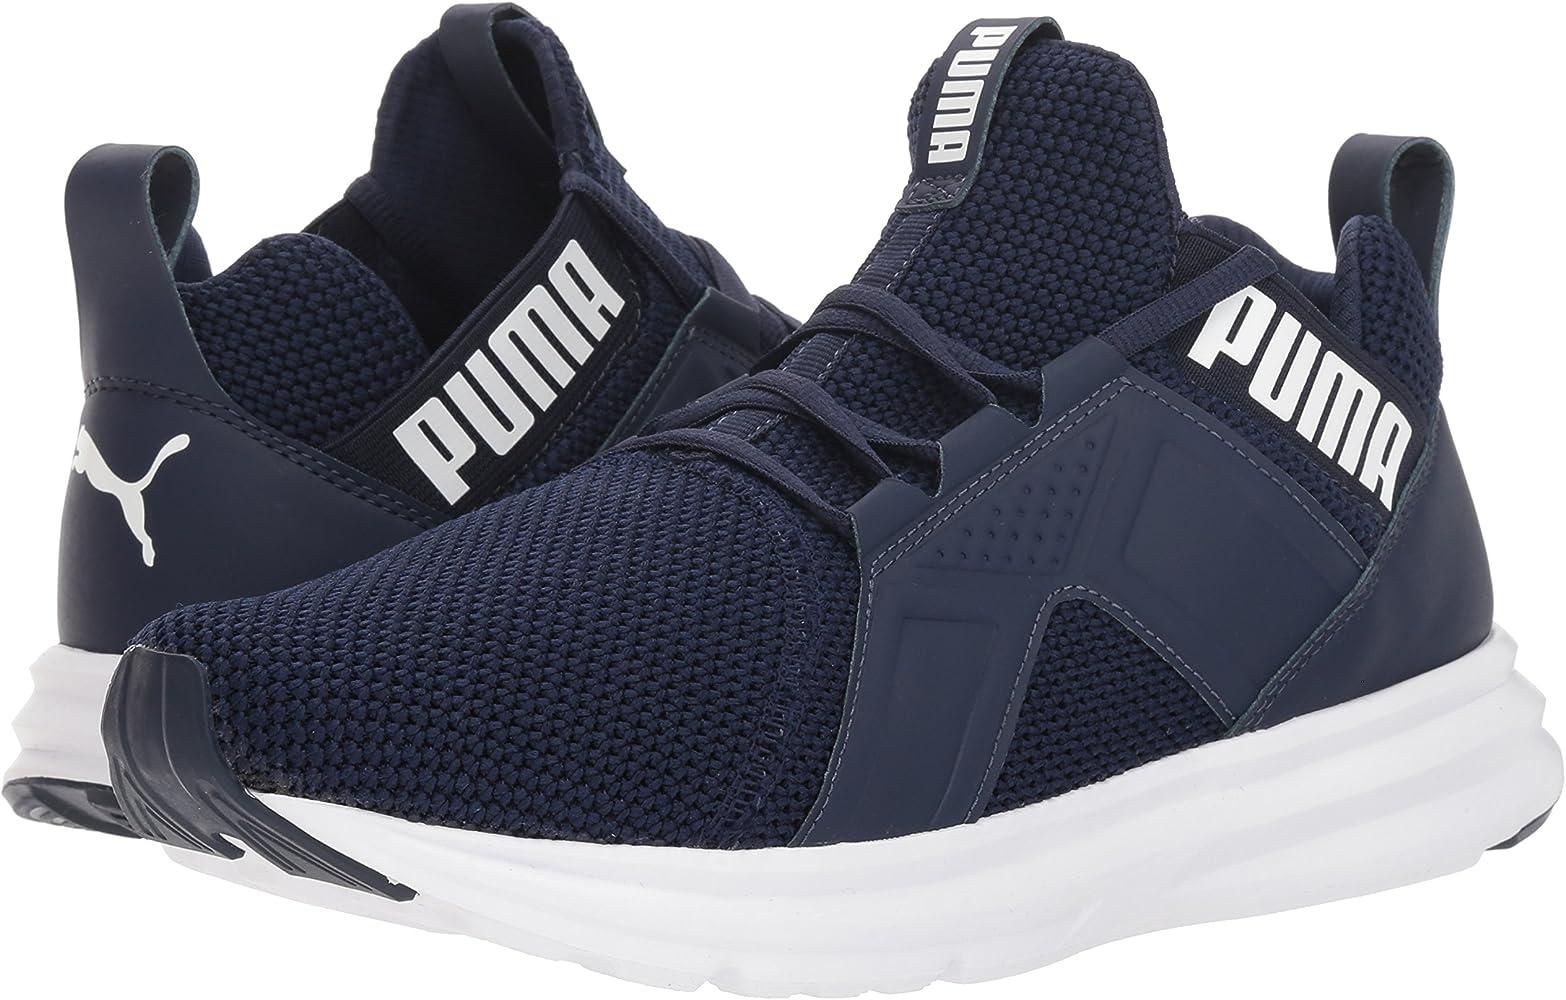 PUMA Men's Enzo Weave Sneaker